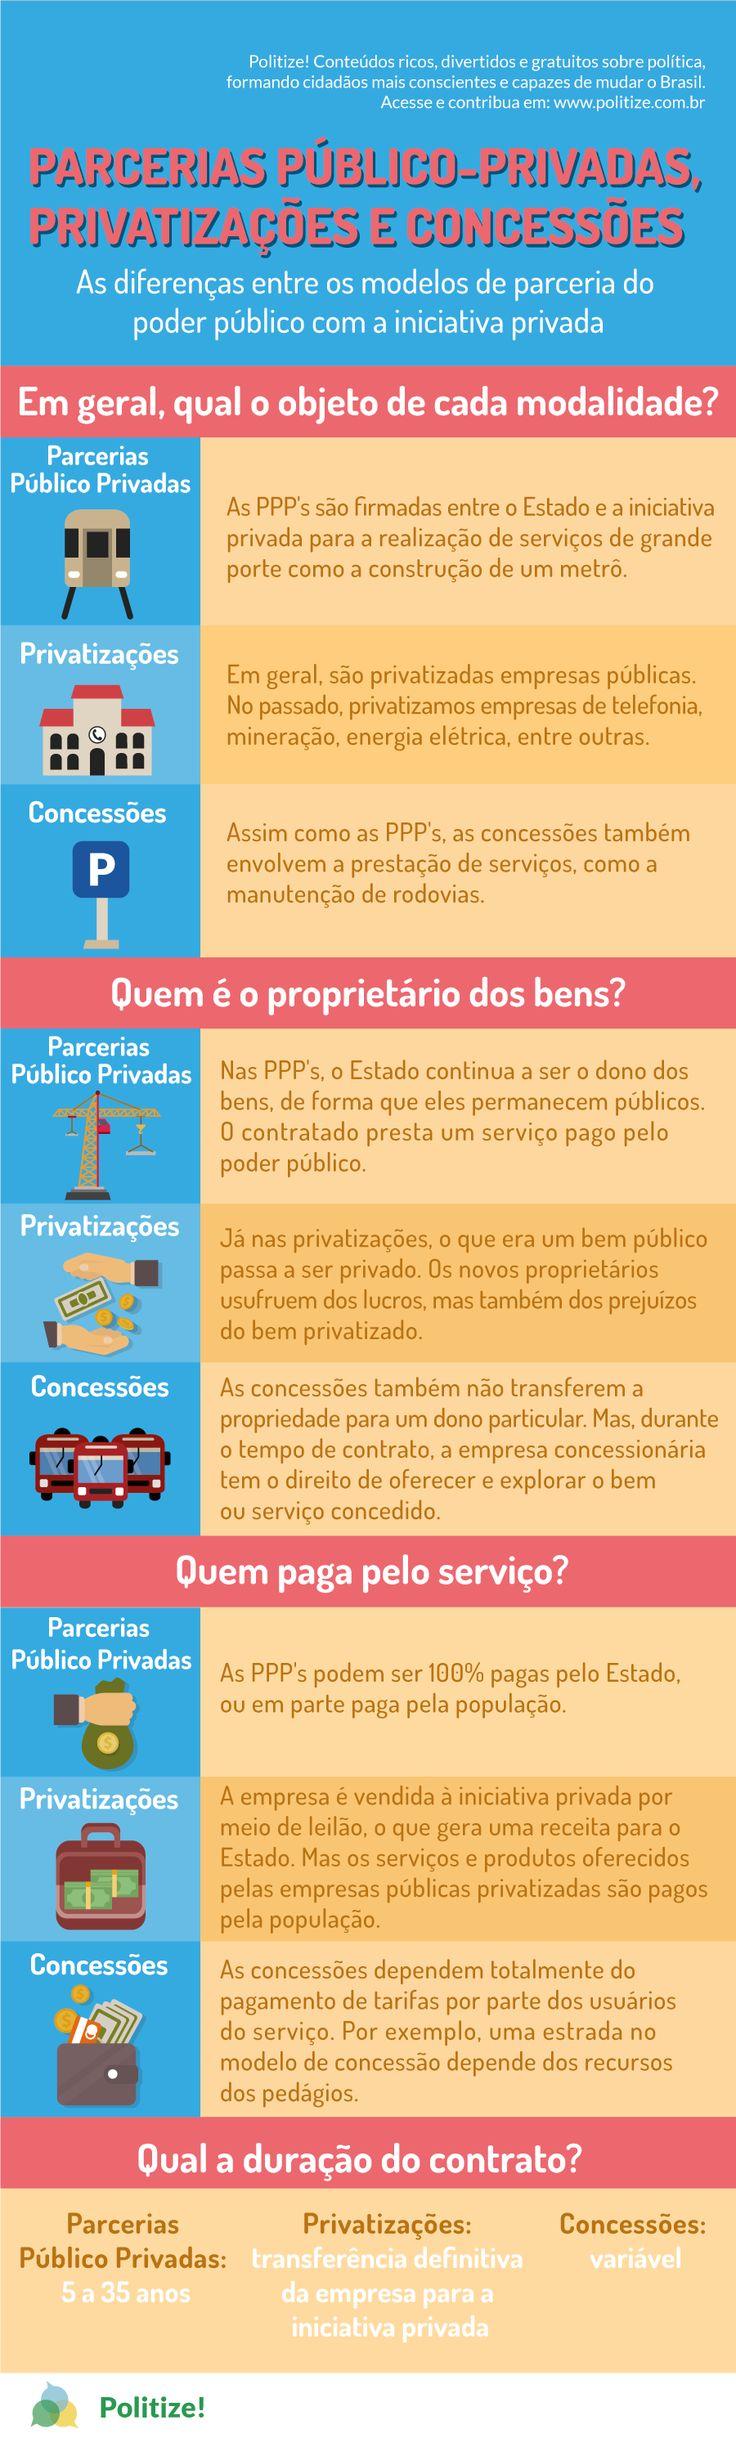 Entre os diferentes métodos adotados pelo Estado brasileiro, são comumente citadas pela mídia as Parcerias Público-Privadas (PPP's). Apesar de, à primeira vista, parecerem um conceito simples, as PPP's apresentam uma série de regras, restrições, modalidades e aplicações que as tornam mais complexas e diversas. Vamos entender alguns desses fatores um pouco mais a fundo.